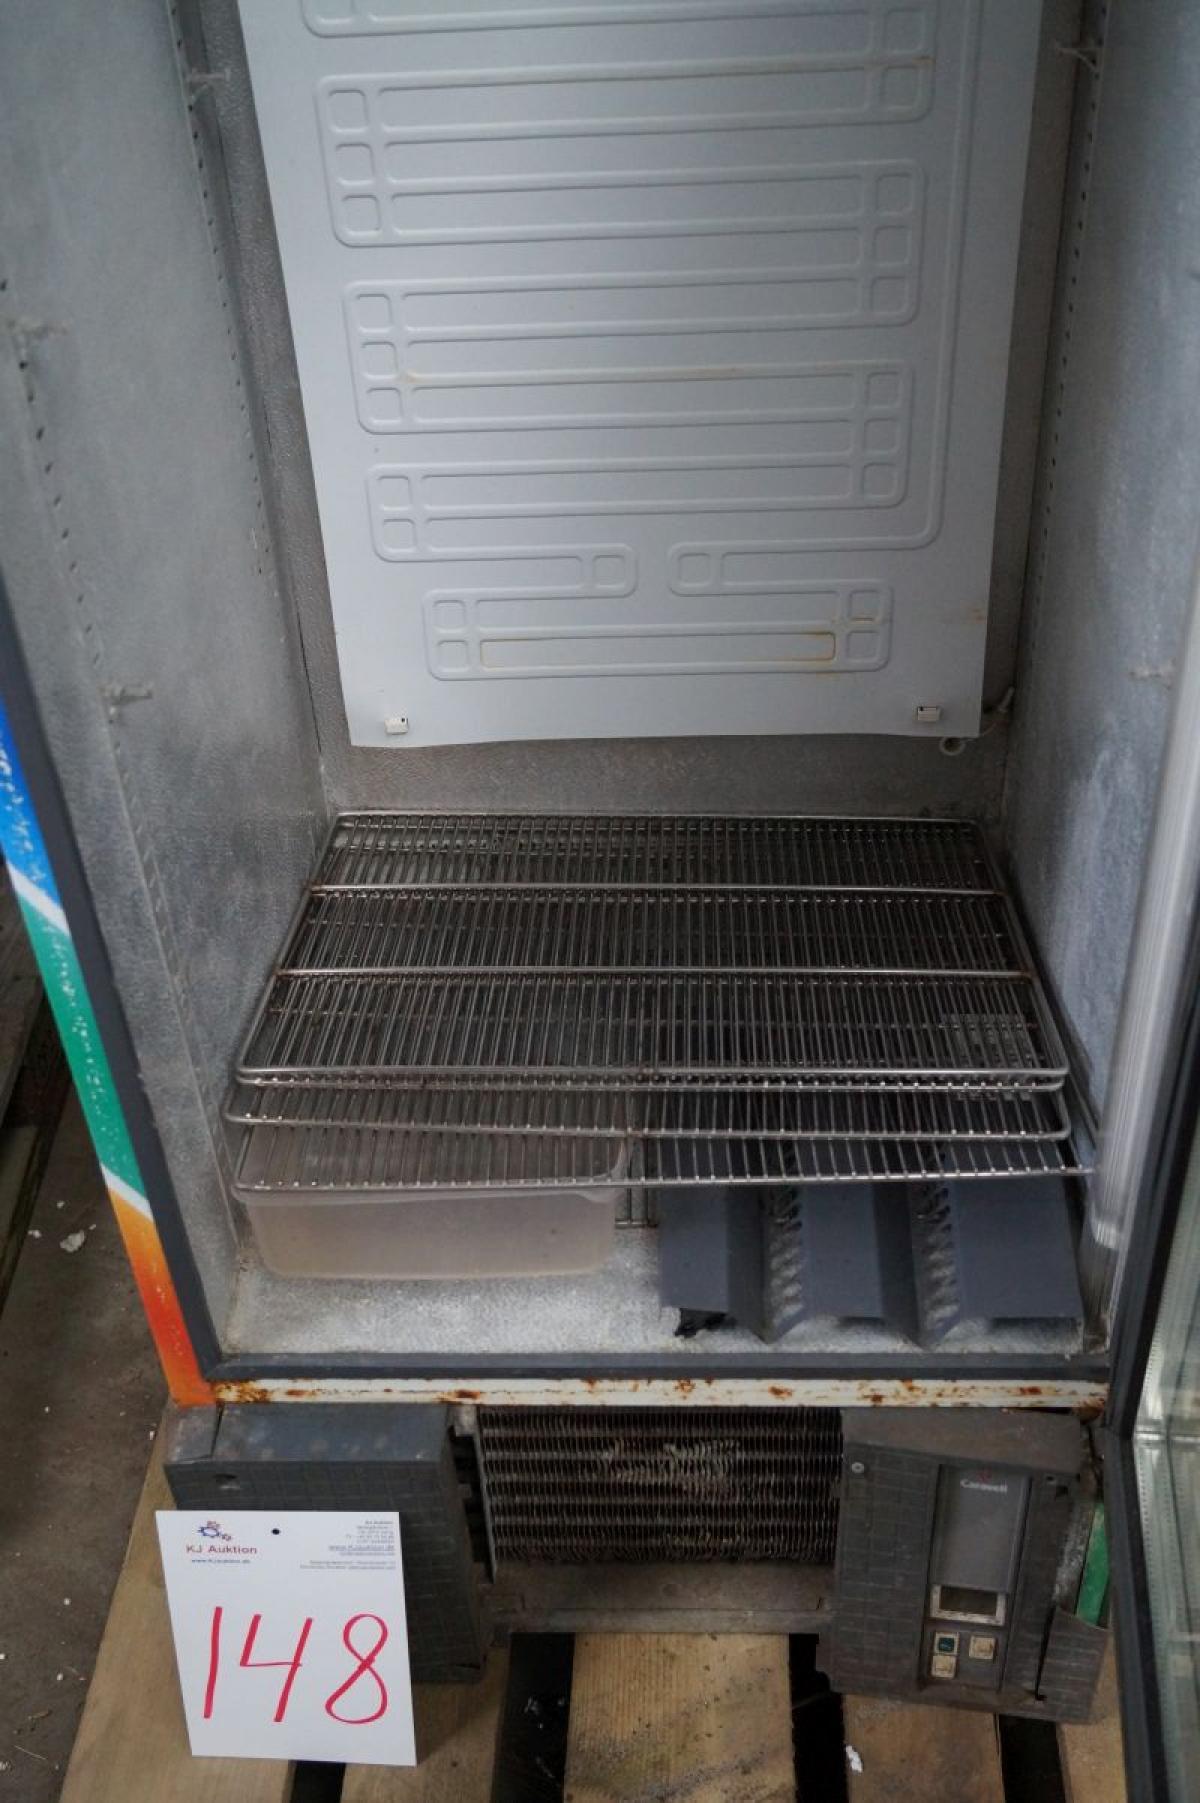 Kühlschrank, mrk. Caravell. Stehen ok - KJ Auktion - Maschinen-Auktionen